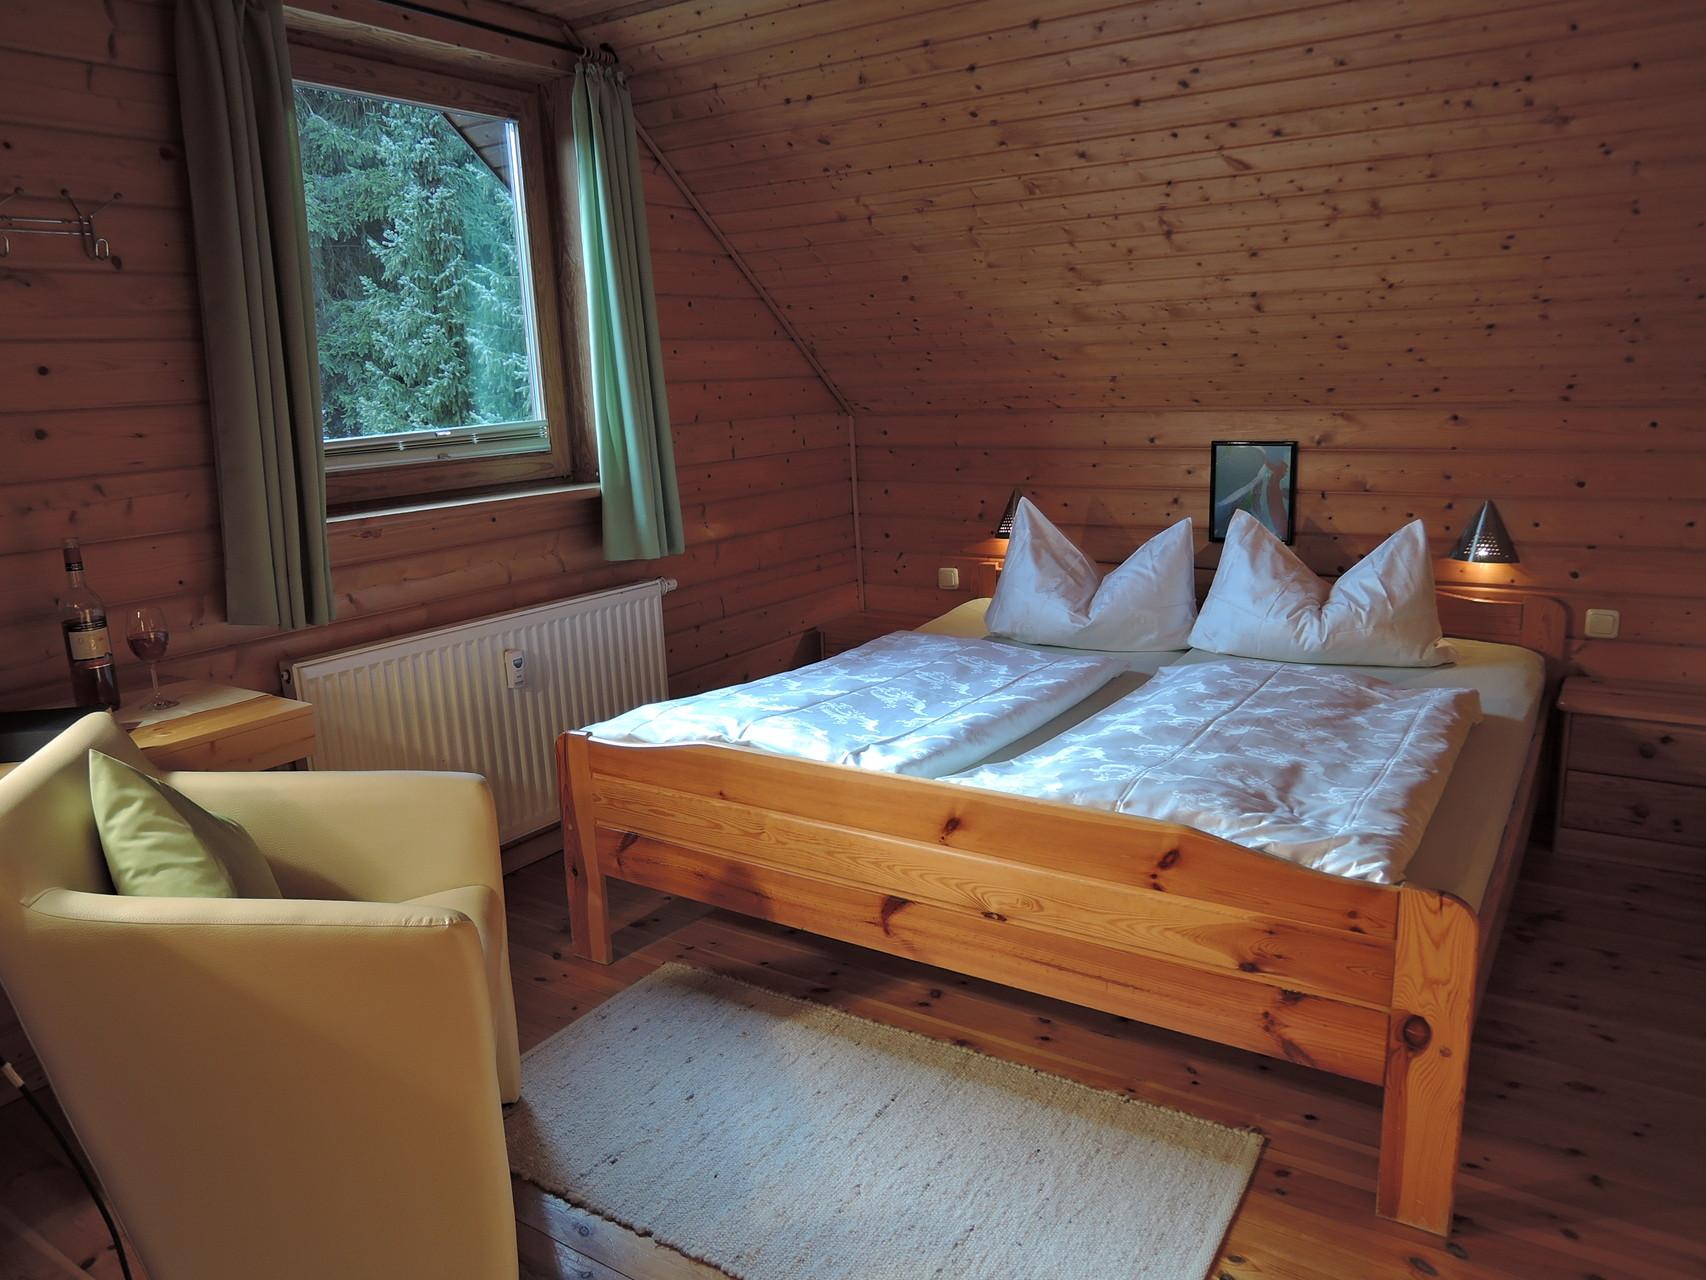 Elternschlafzimmer mit Kinderbett